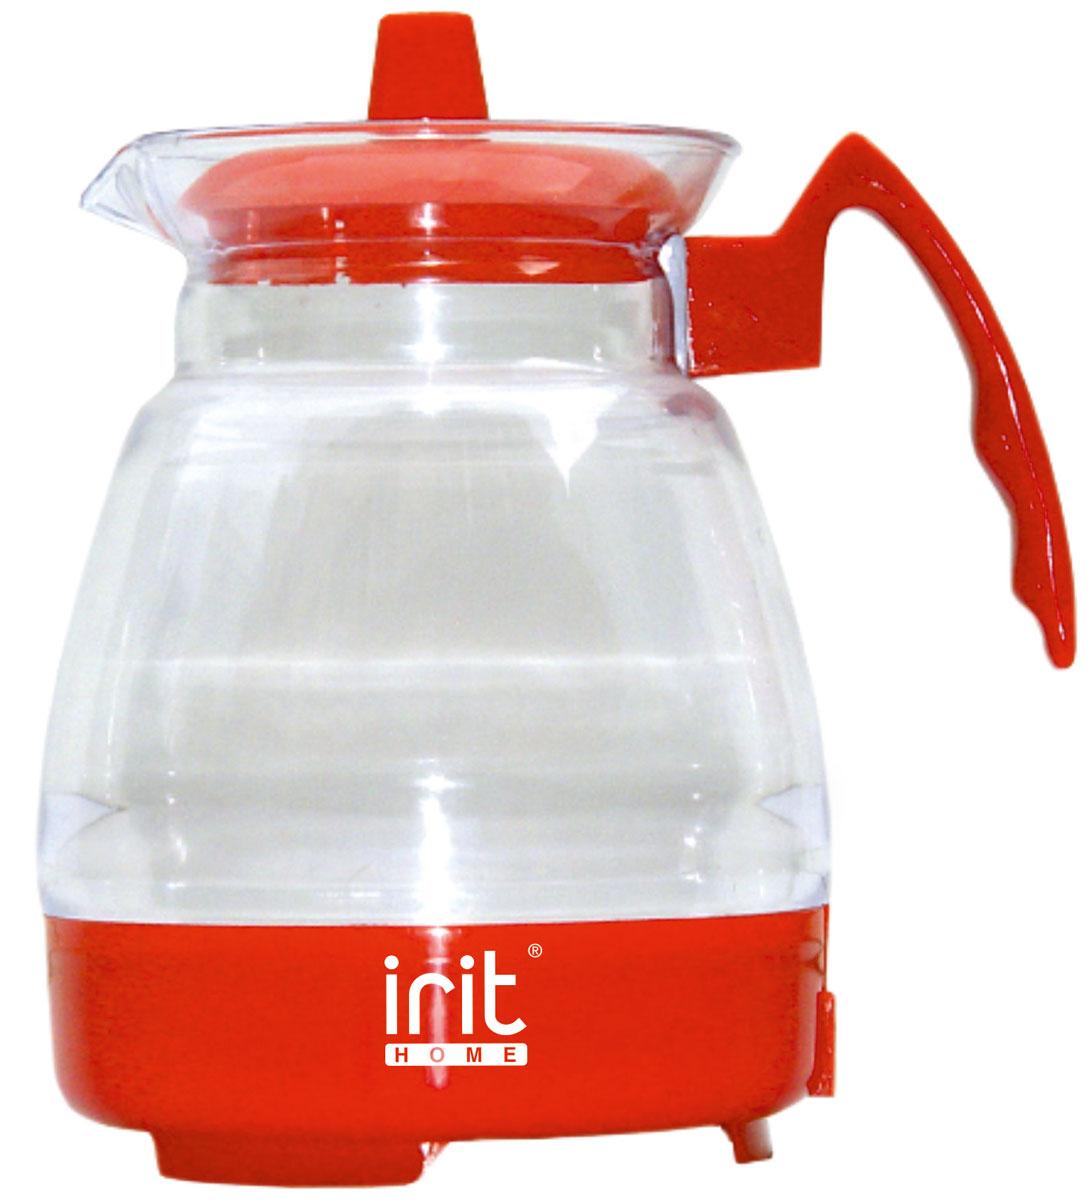 Irit IR-1123 электрический чайник